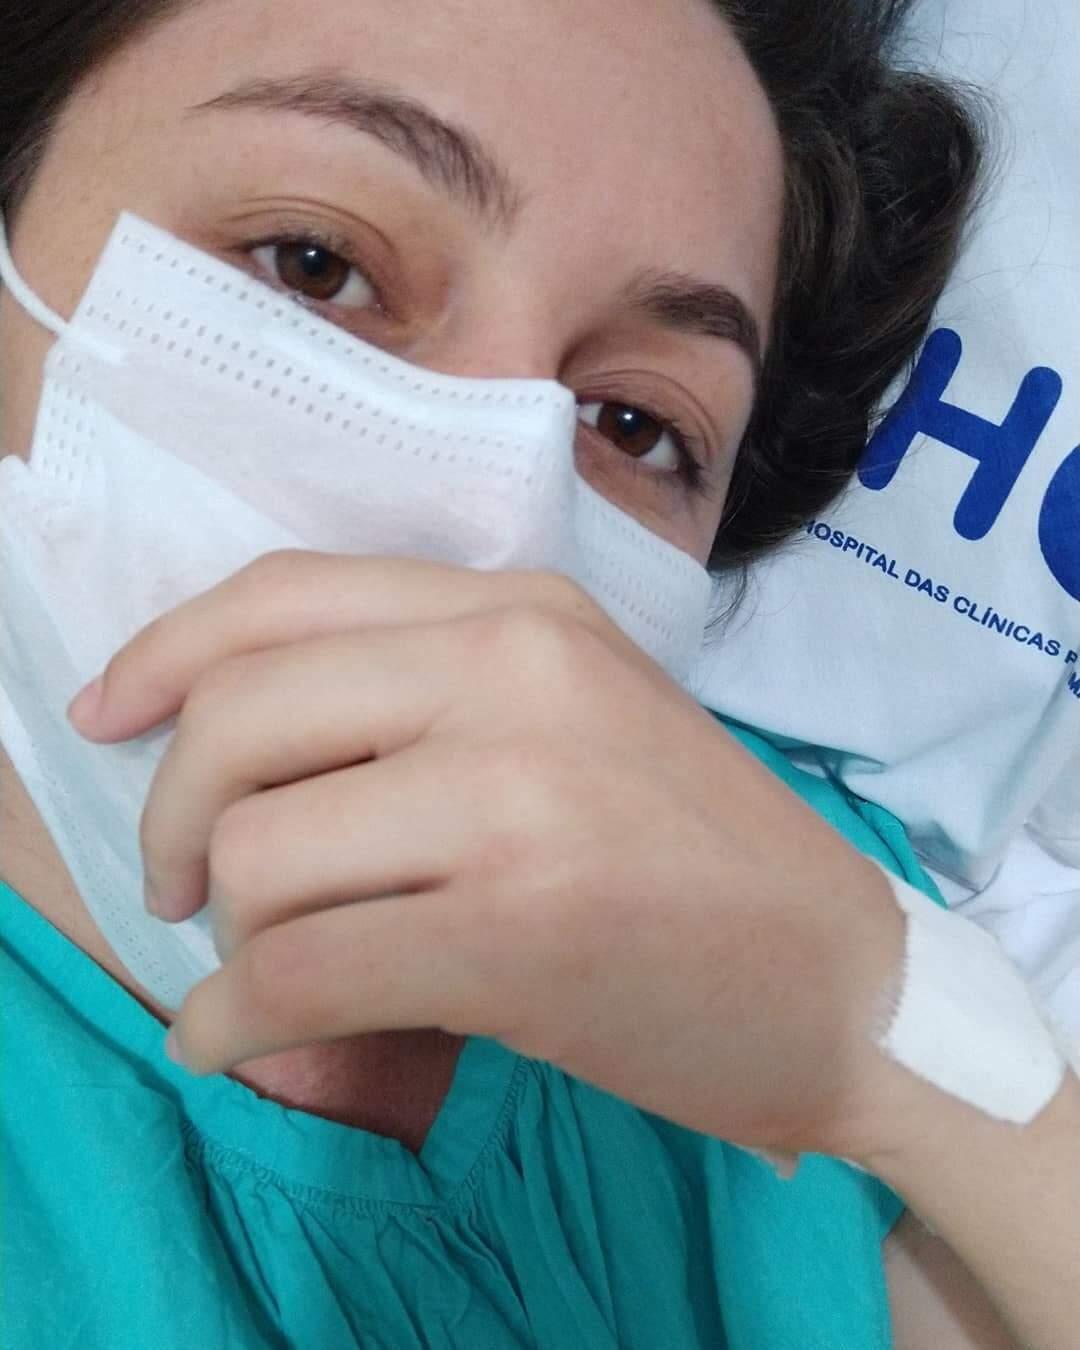 Amanda na espera da cirurgia para retirada do tumor e do ovário. (Foto: Arquivo Pessoal)